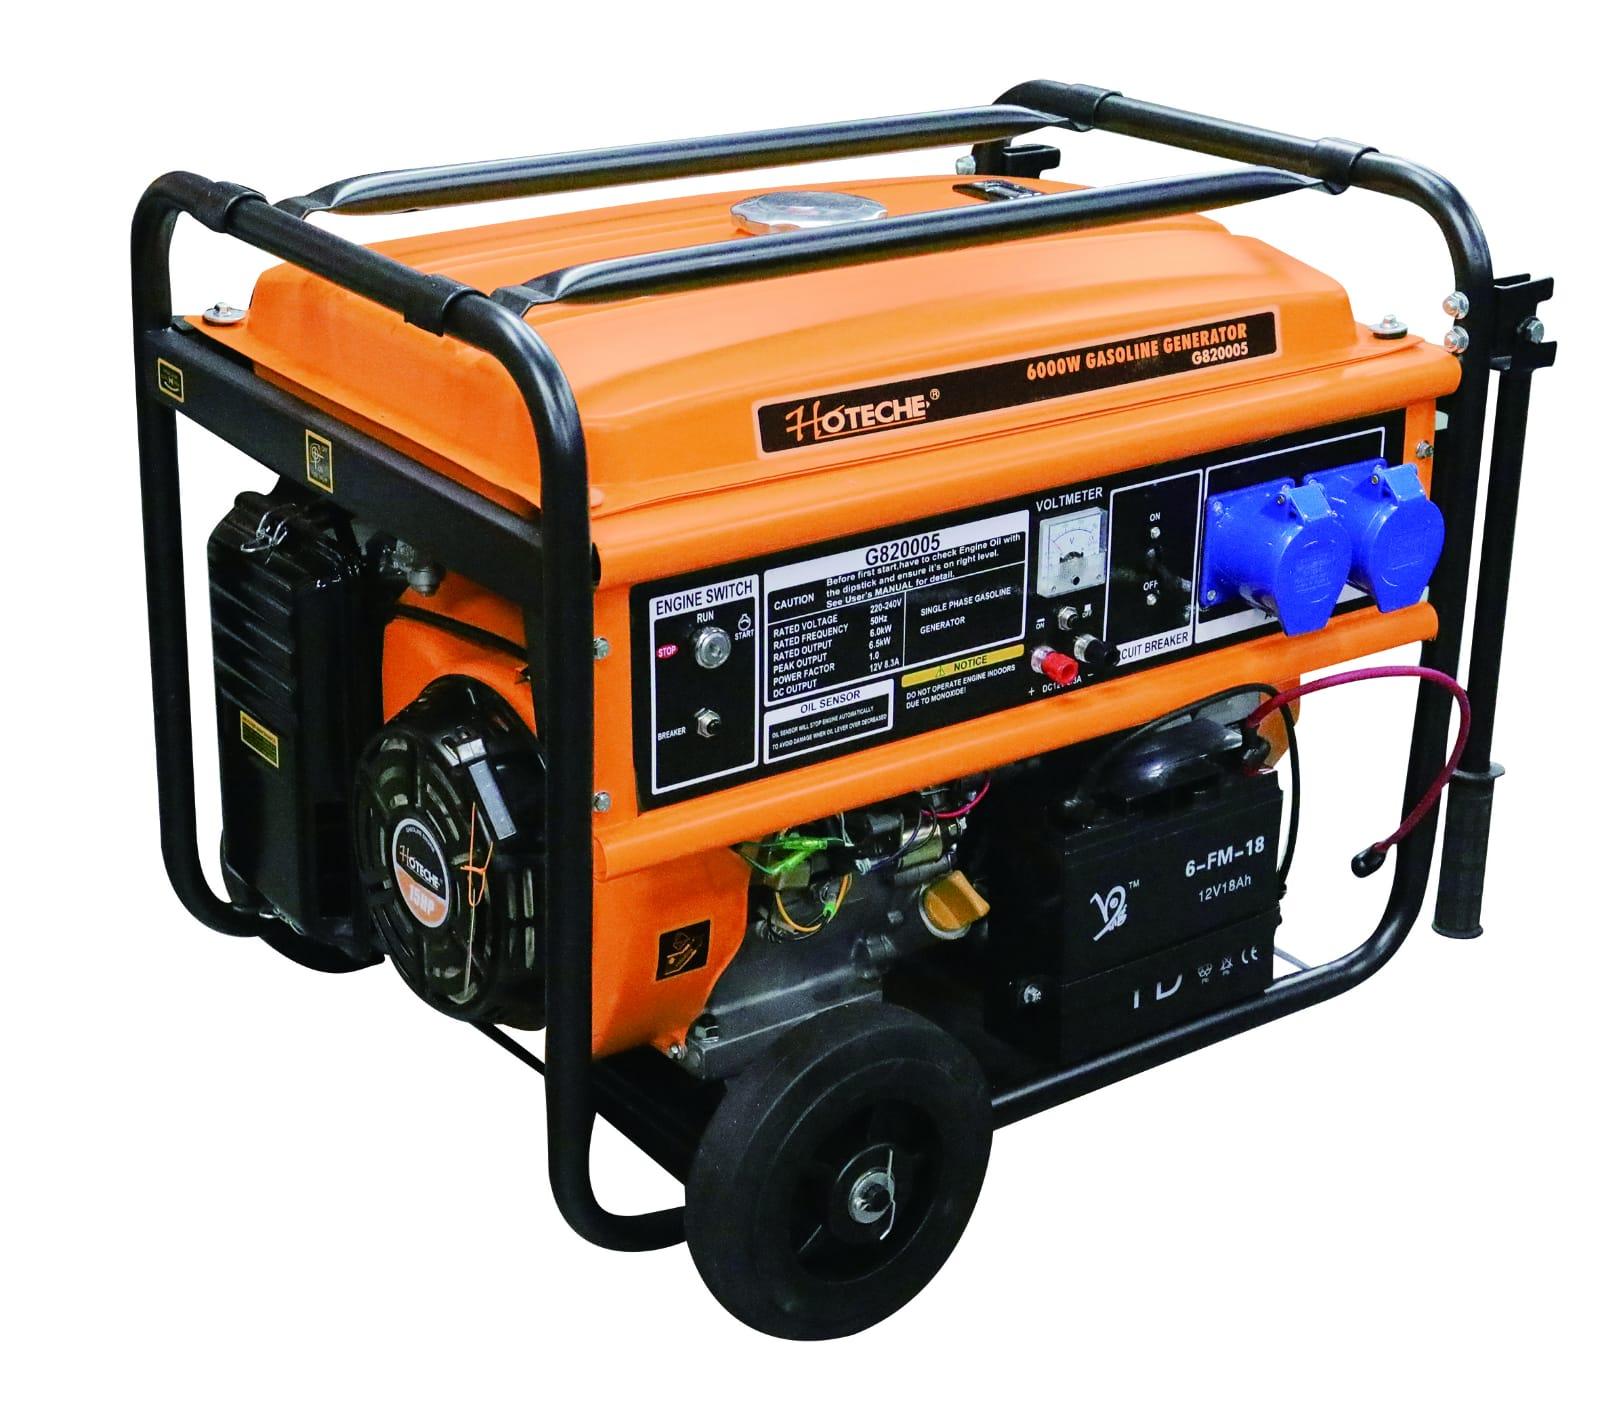 גנרטור 6000W מנוע בנזין מבית חברת HOTECHE